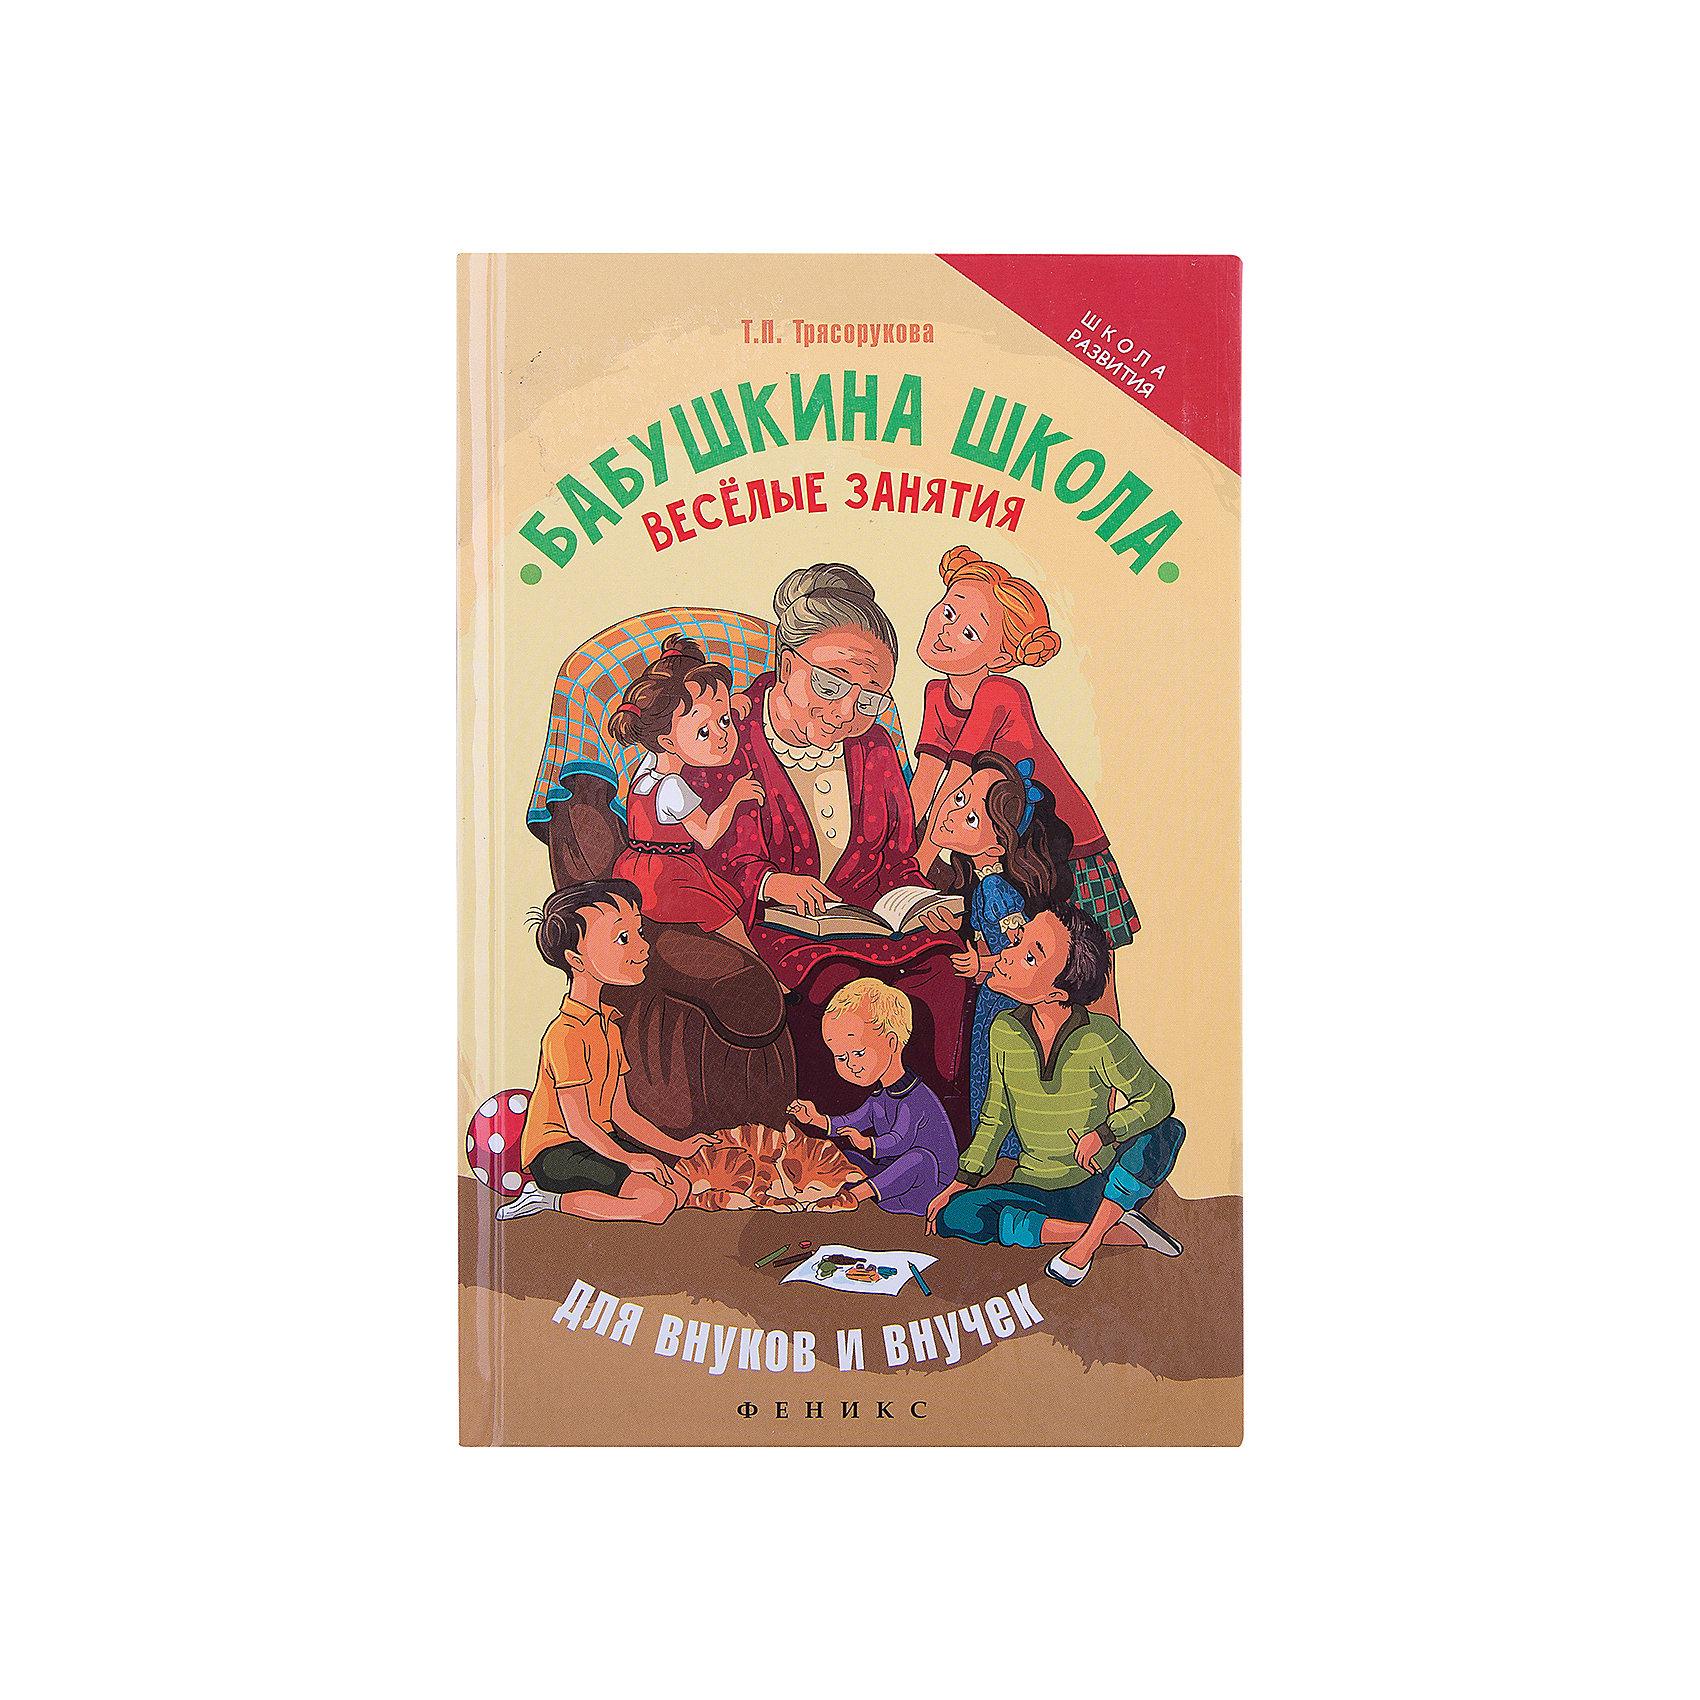 Бабушкина школа: веселые занятия для внуков и внучекВикторины и ребусы<br>Характеристики товара:<br><br>• ISBN 9785222287590<br>• возраст от 4 лет<br>• формат 207х134 мм<br>• серия «Школа развития»<br>• издательство Феникс<br>• автор Трясорукова Татьяна<br>• переплет: твердый<br>• количество страниц 298<br>• год выпуска 2017<br>• размер 20,7х13,4х1,8 см<br><br>Пособие «Бабушкина школа: веселые занятия для внуков и внучек» - увлекательная книжка, которая поможет бабушкам разнообразить времяпрепровождение с внуками. В книге содержатся задания, ребусы, скороговорки, стихи. Задания развивают у детей смекалку, сообразительность, мышление, тренируют память.<br><br>Пособие «Бабушкина школа: веселые занятия для внуков и внучек» издание 2-е можно приобрести в нашем интернет-магазине.<br><br>Ширина мм: 180<br>Глубина мм: 134<br>Высота мм: 207<br>Вес г: 283<br>Возраст от месяцев: -2147483648<br>Возраст до месяцев: 2147483647<br>Пол: Унисекс<br>Возраст: Детский<br>SKU: 5500986